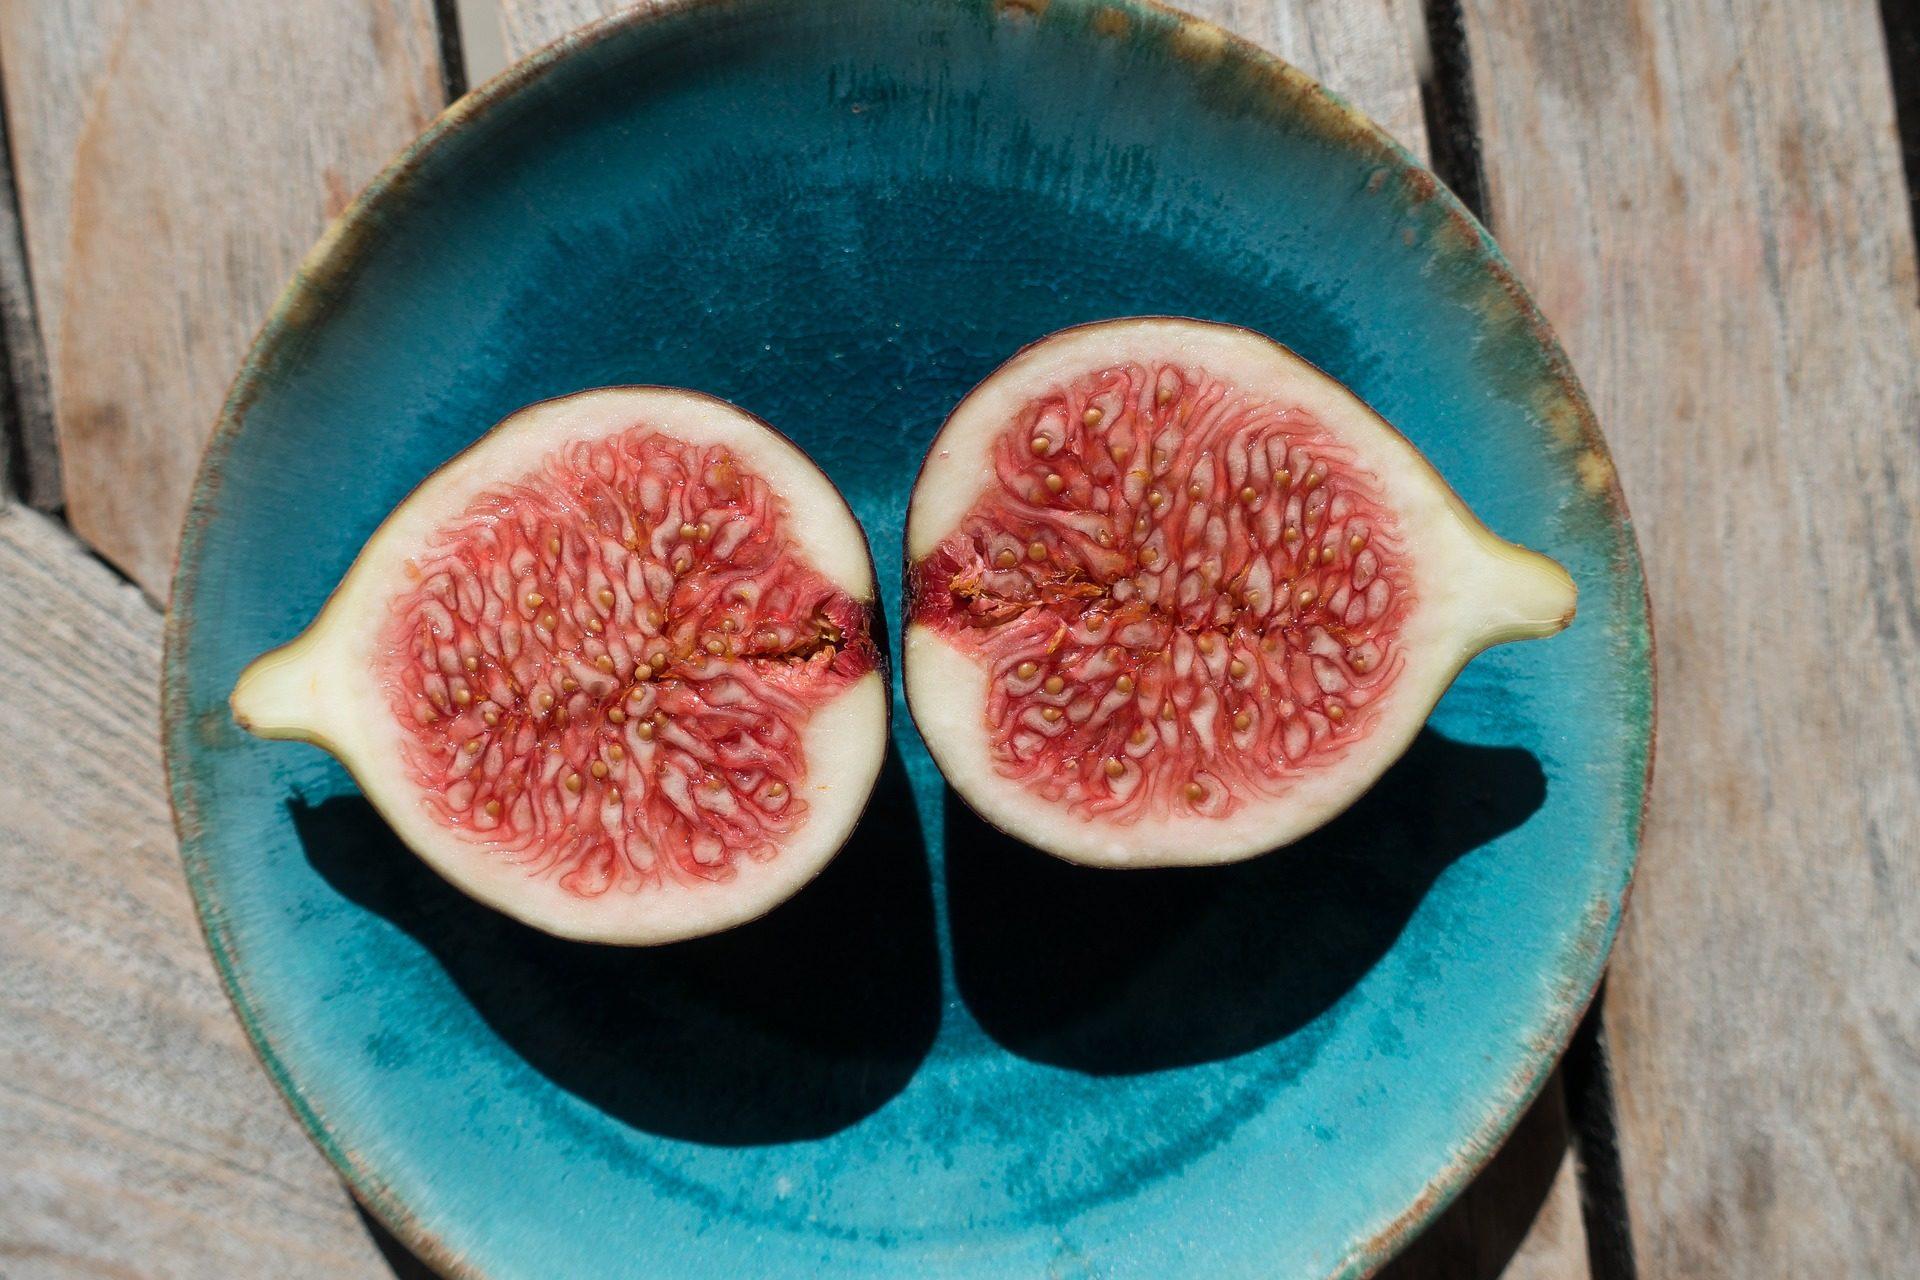 higo, fruta, plato, madera, turquesa - Fondos de Pantalla HD - professor-falken.com